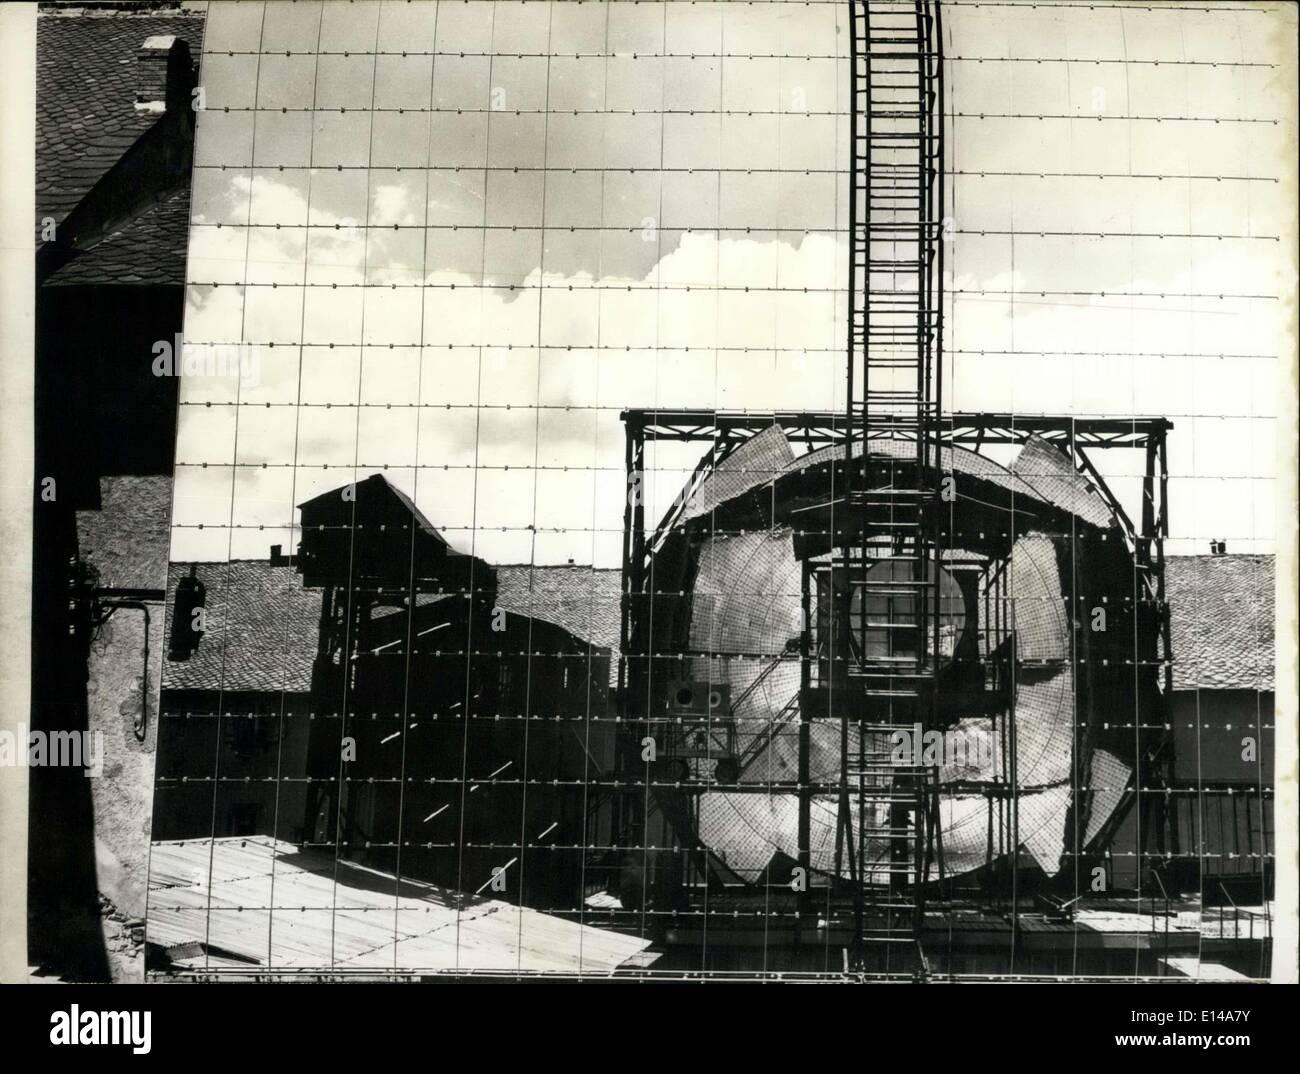 17. April 2012 - Sonne erwärmt französische Häuser: ein Beispiel für das erste französische Stockbild